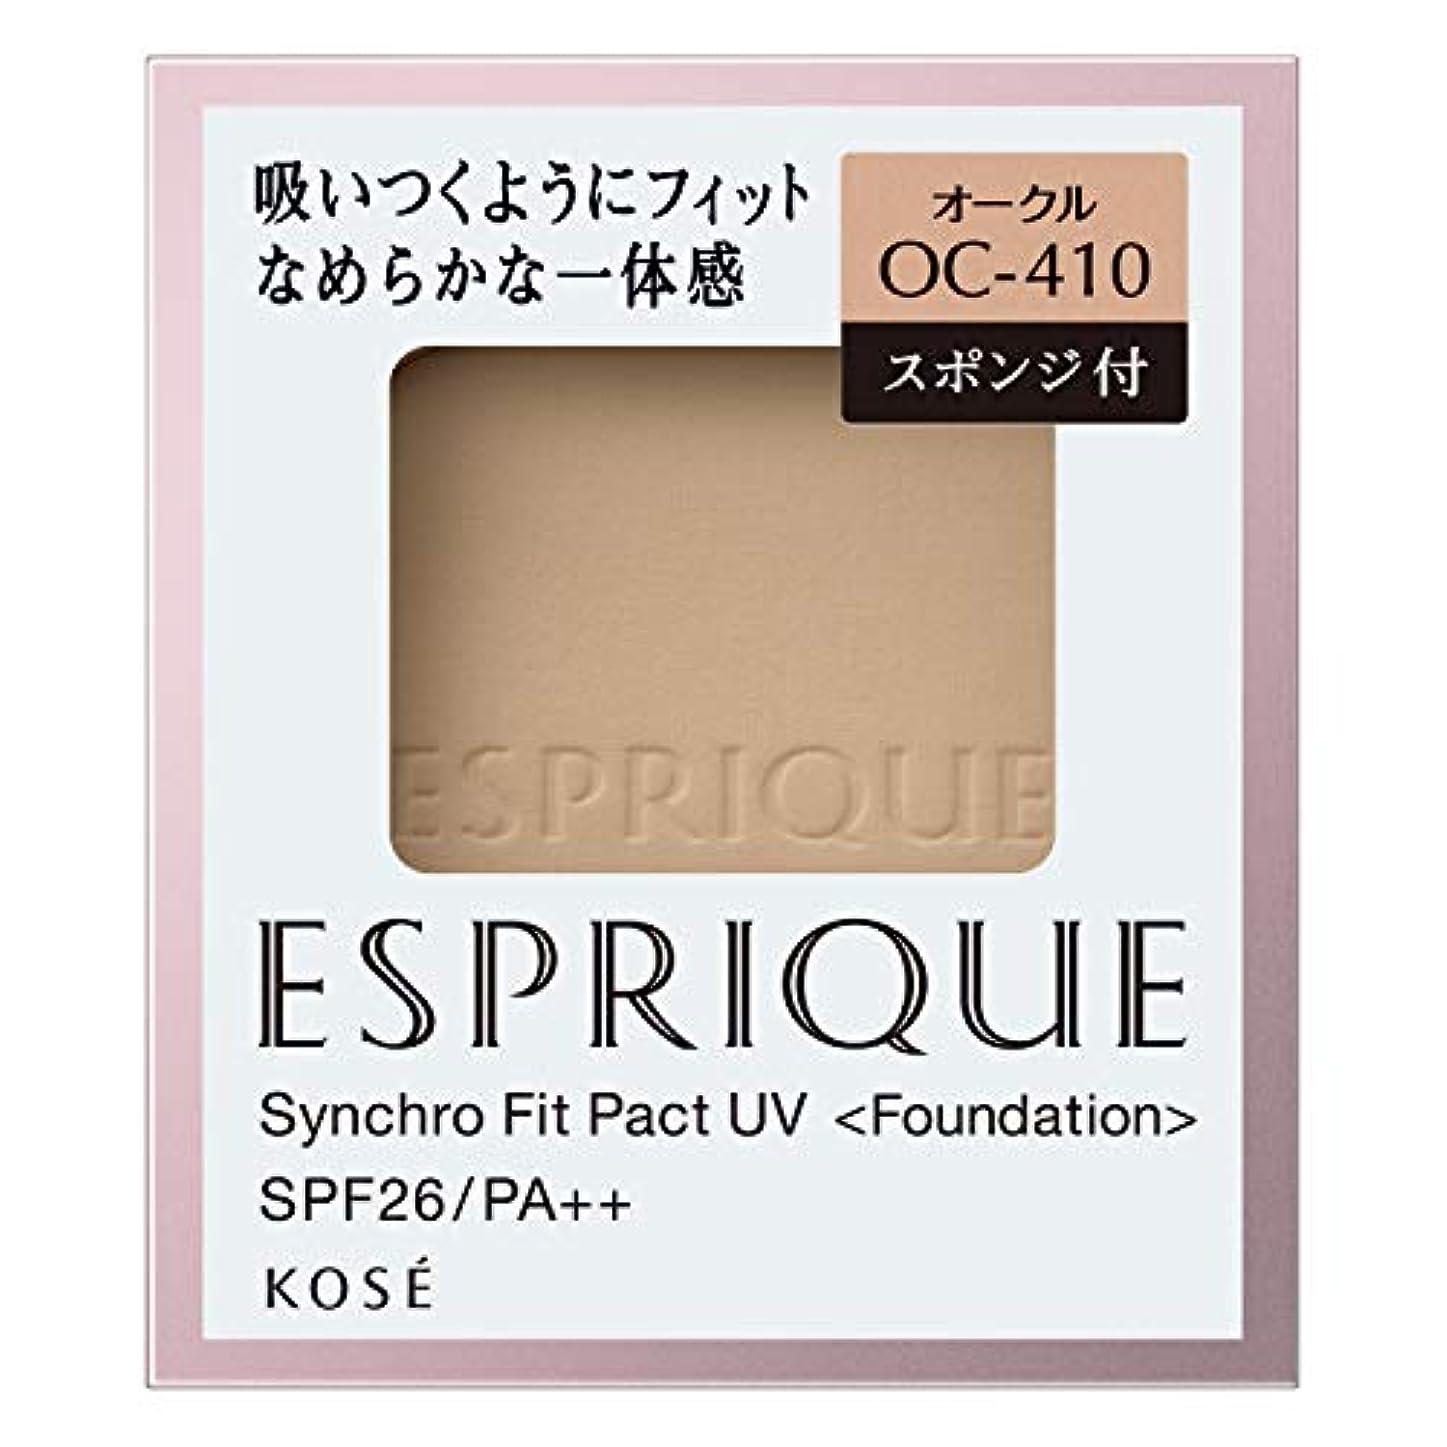 アスレチック統合する余韻エスプリーク シンクロフィット パクト UV OC-410 オークル 9.3g